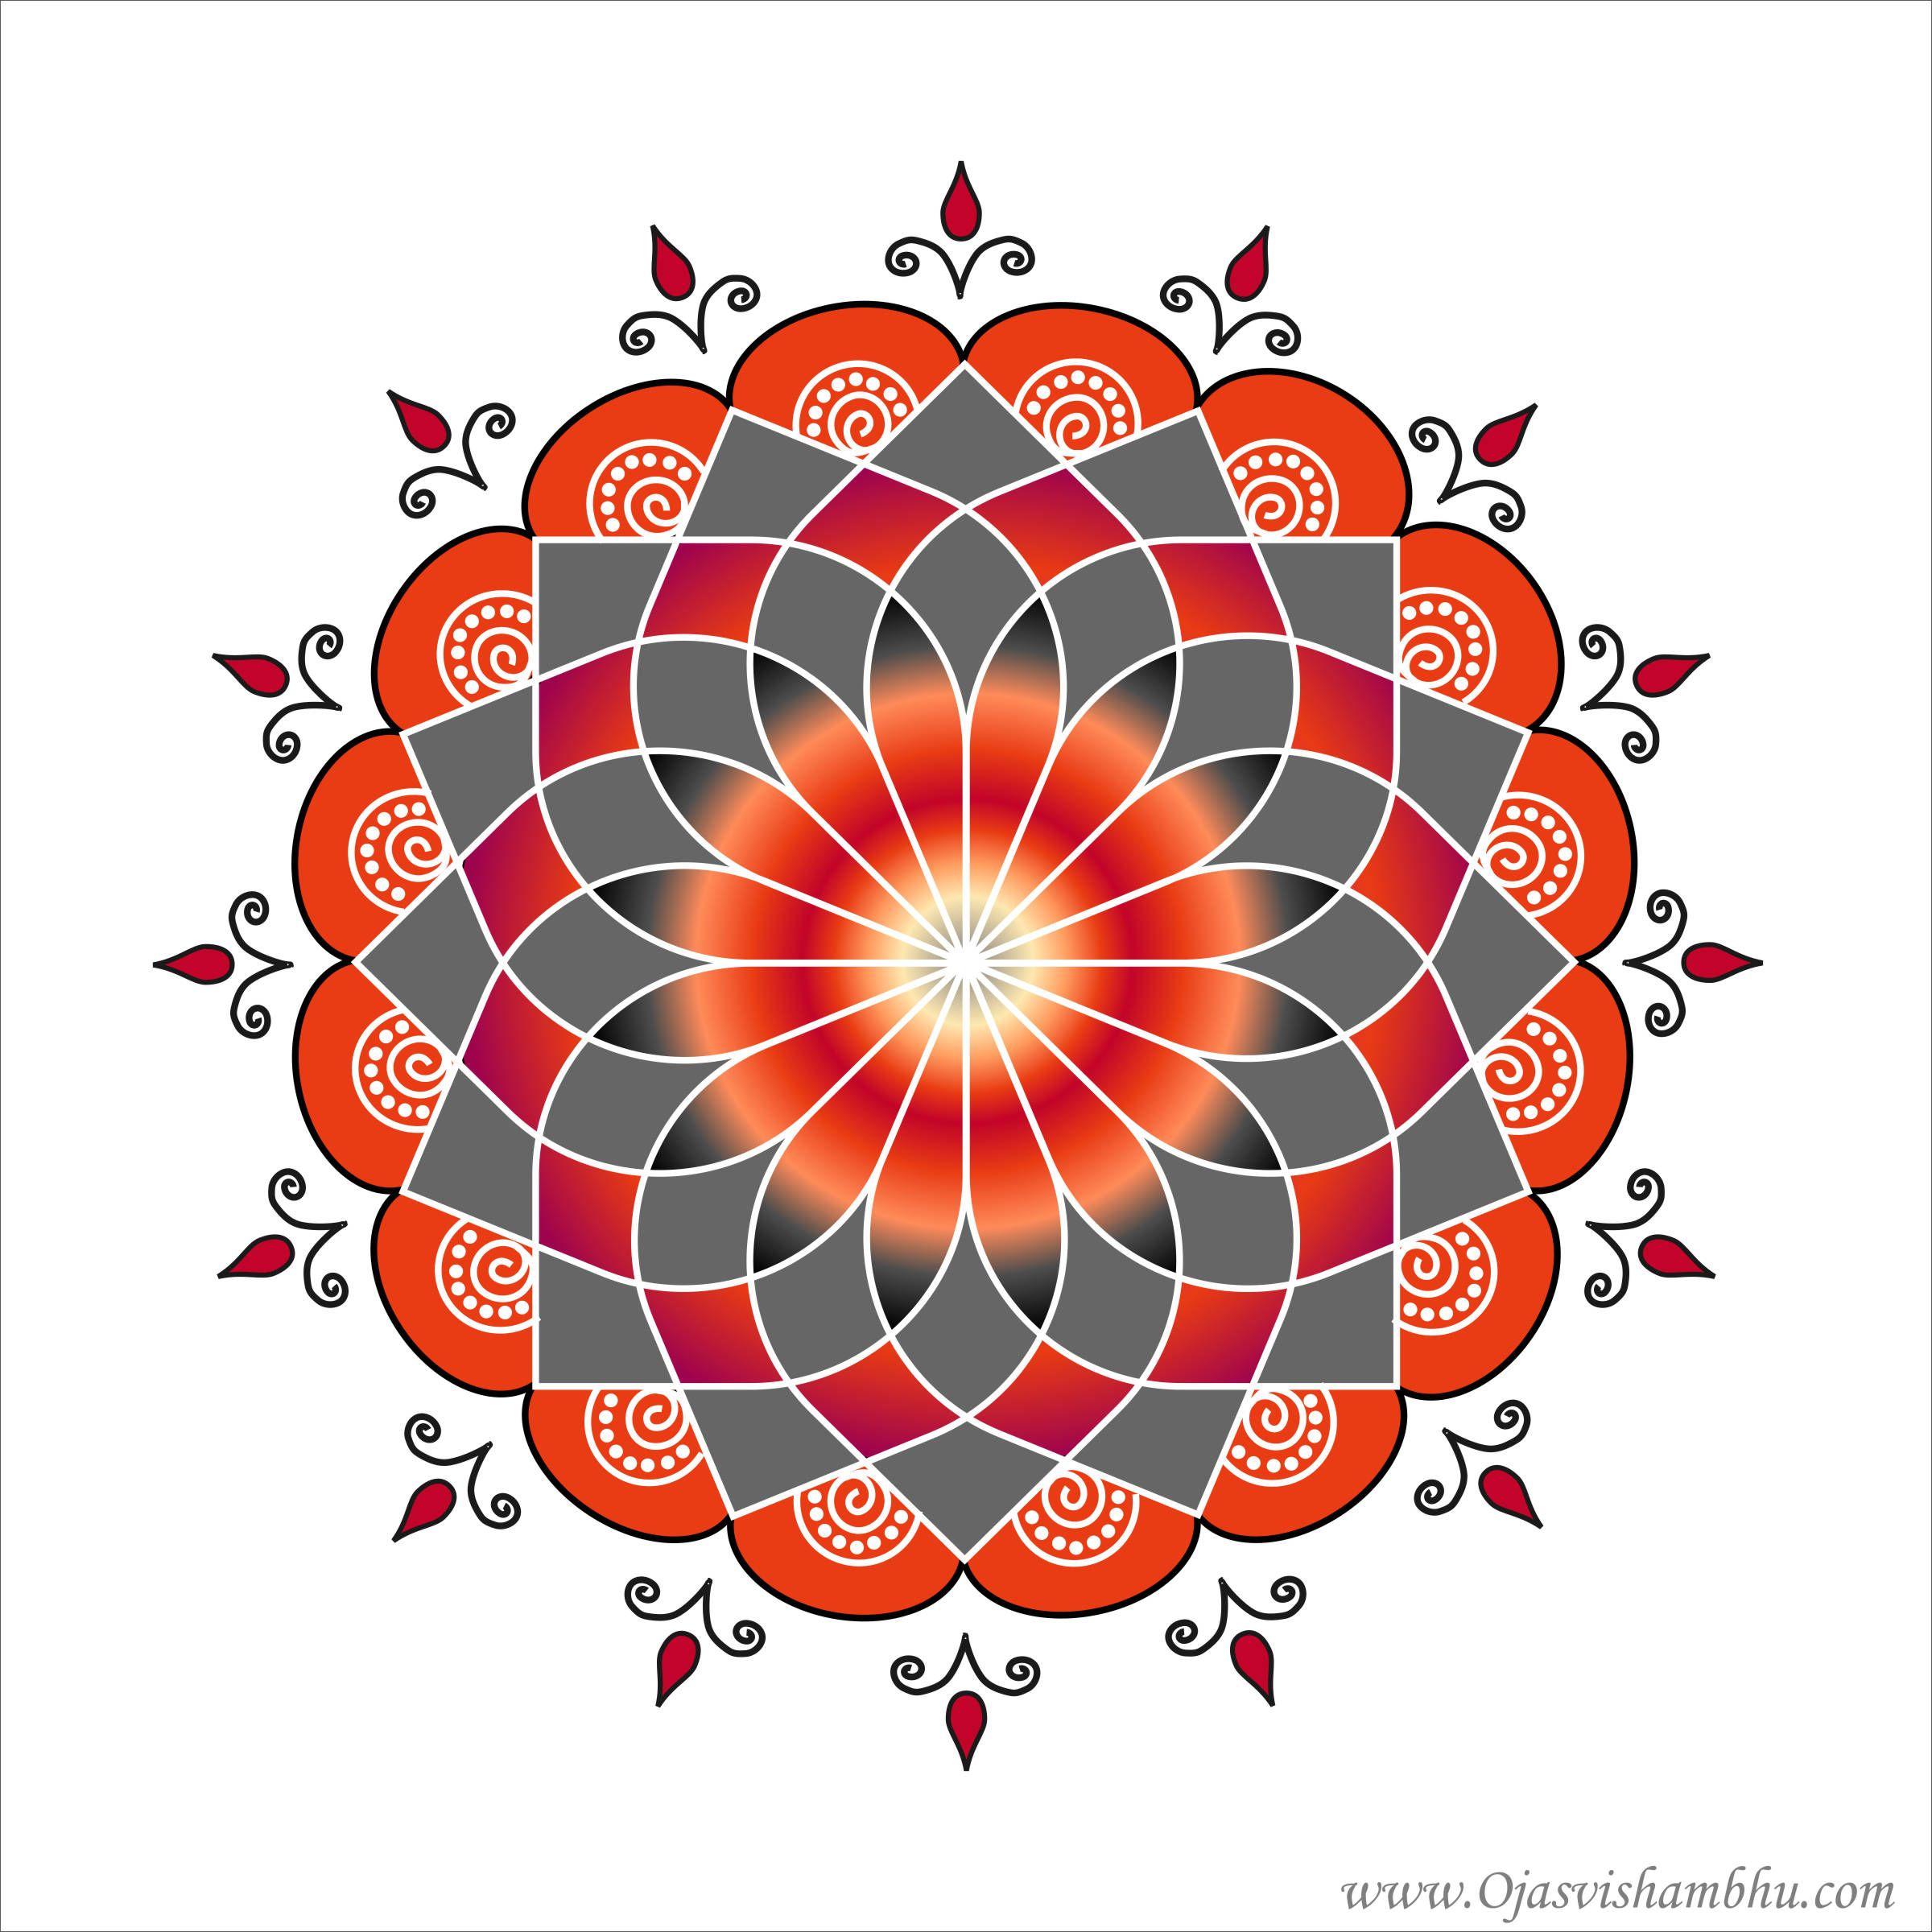 OjasviShambhu_16PetalLotus11.jpg (2400×2400) Art